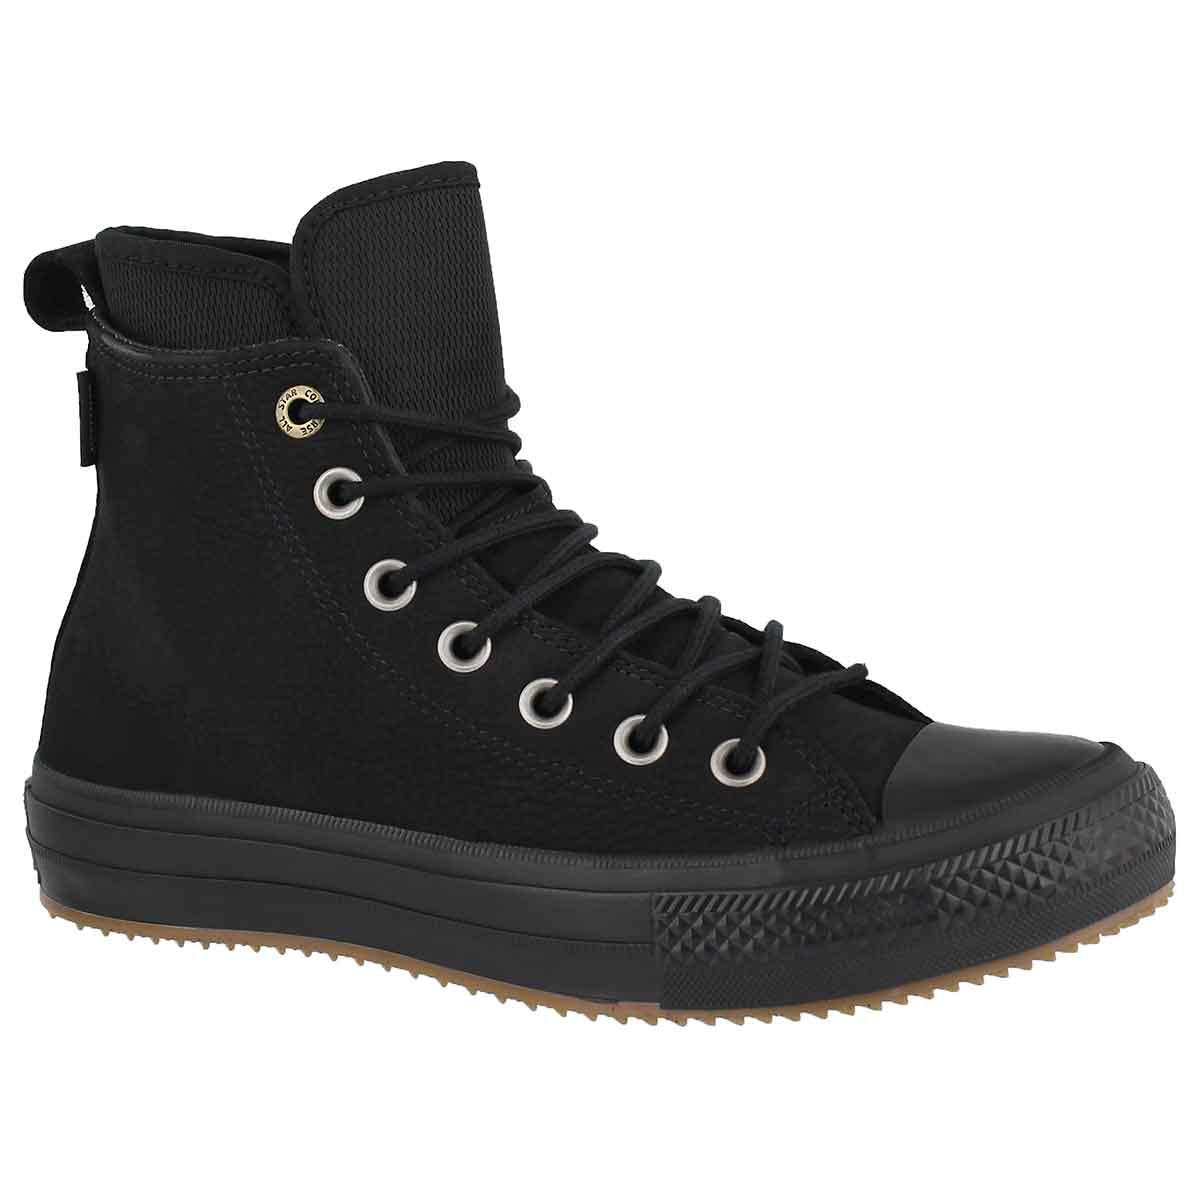 Women's CT WATERPROOF HI black boots